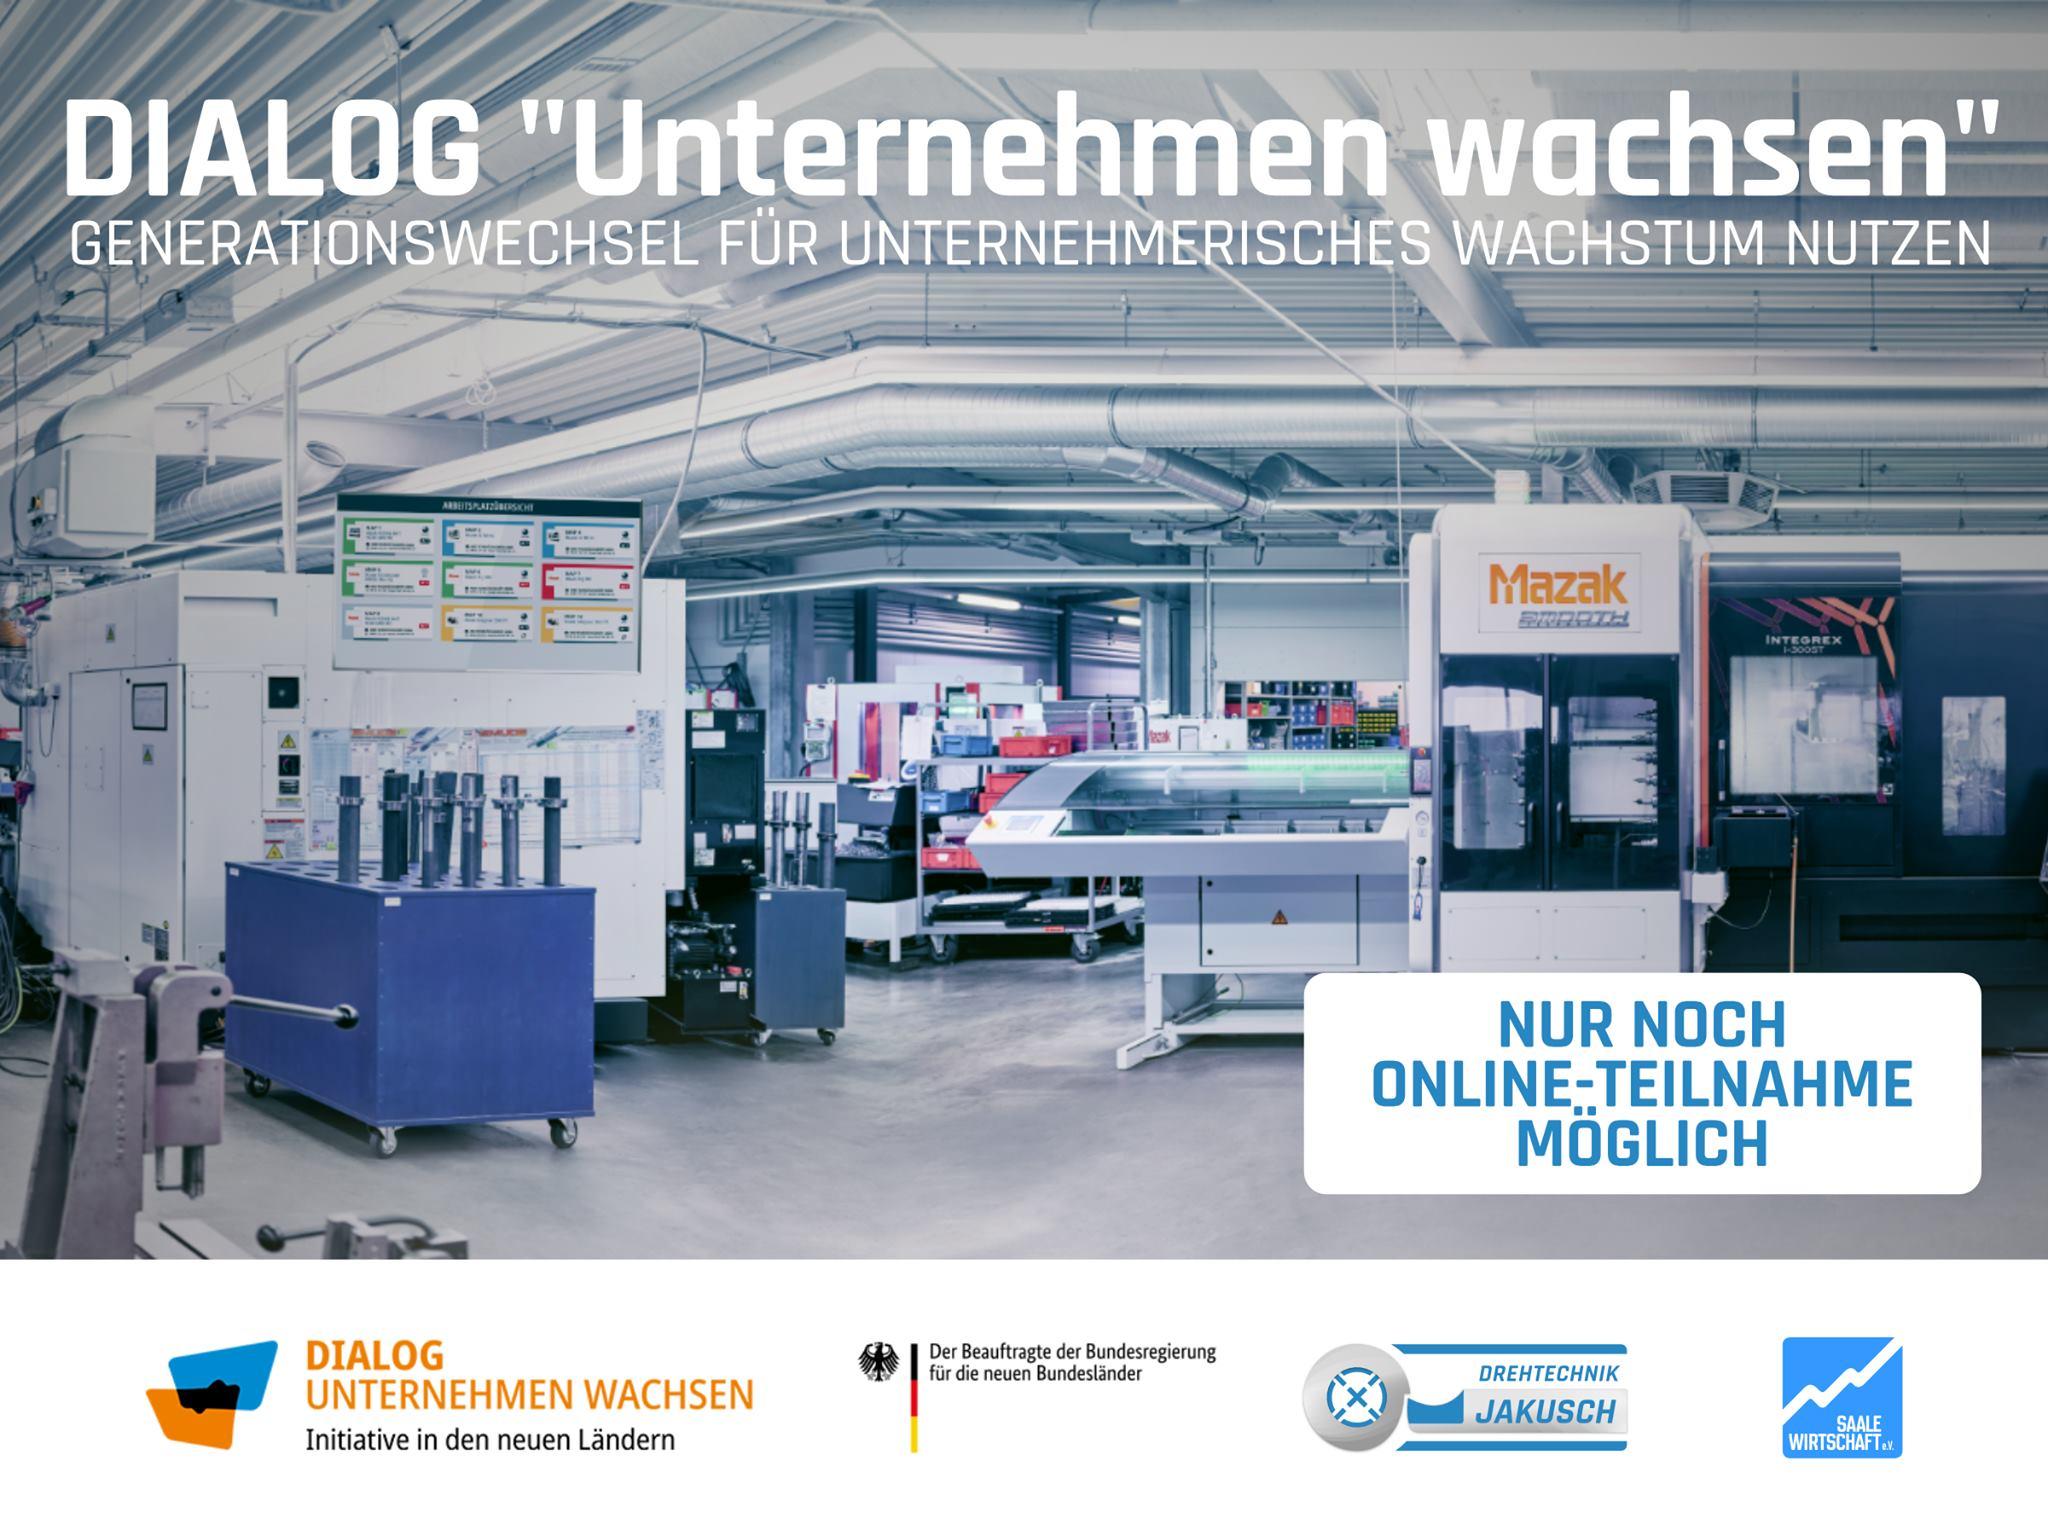 """DIALOG """"Unternehmen wachsen"""" bei der Drehtechnik Jakusch GmbH"""